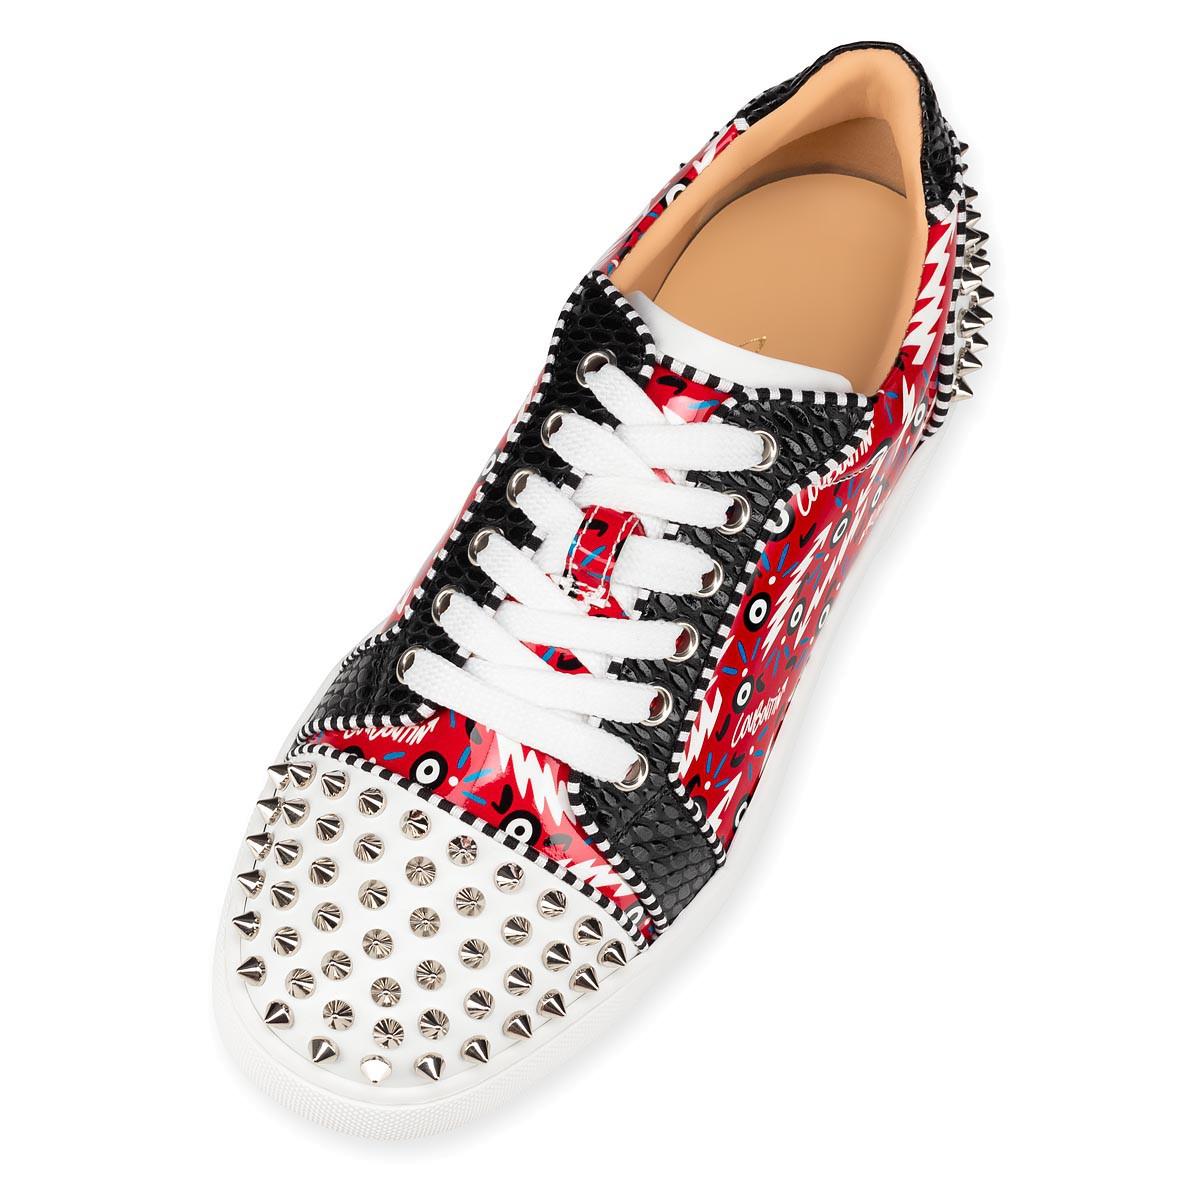 Shoes - Vieira 2 Orlato Flat - Christian Louboutin